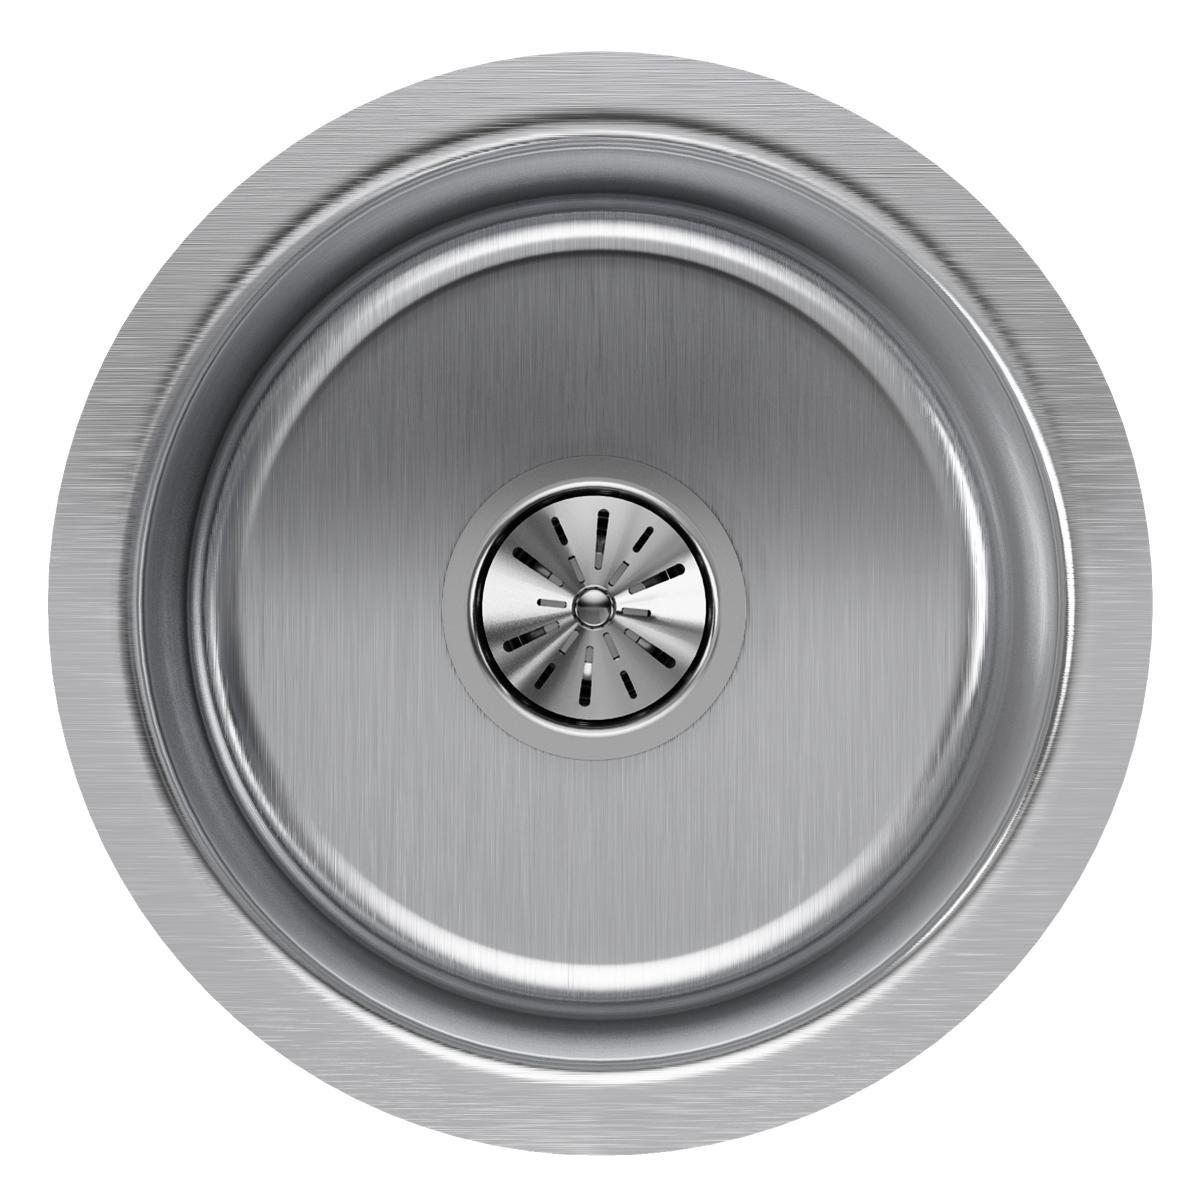 Elkay ELUH12FB Lustertone Classic Single Bowl Undermount Stainless Steel Sink